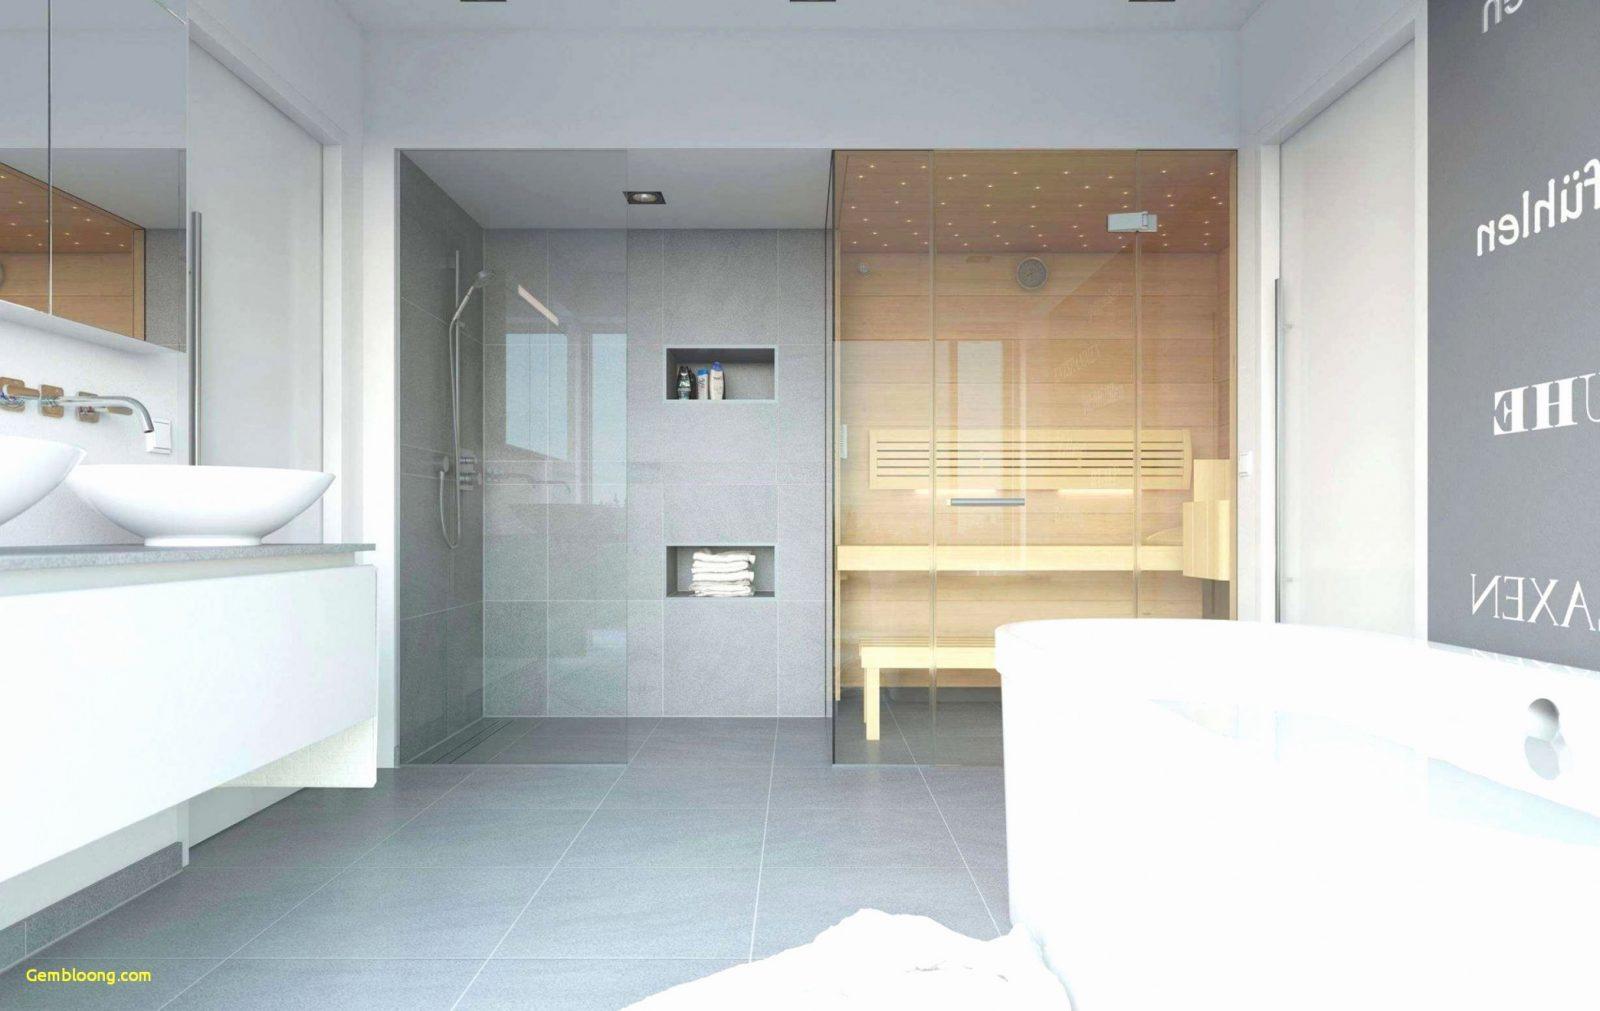 Fliesen Bad Ideen Modern Unglaublich Badezimmer Schwarz Weis von Badezimmer Fliesen Design Ideen Photo